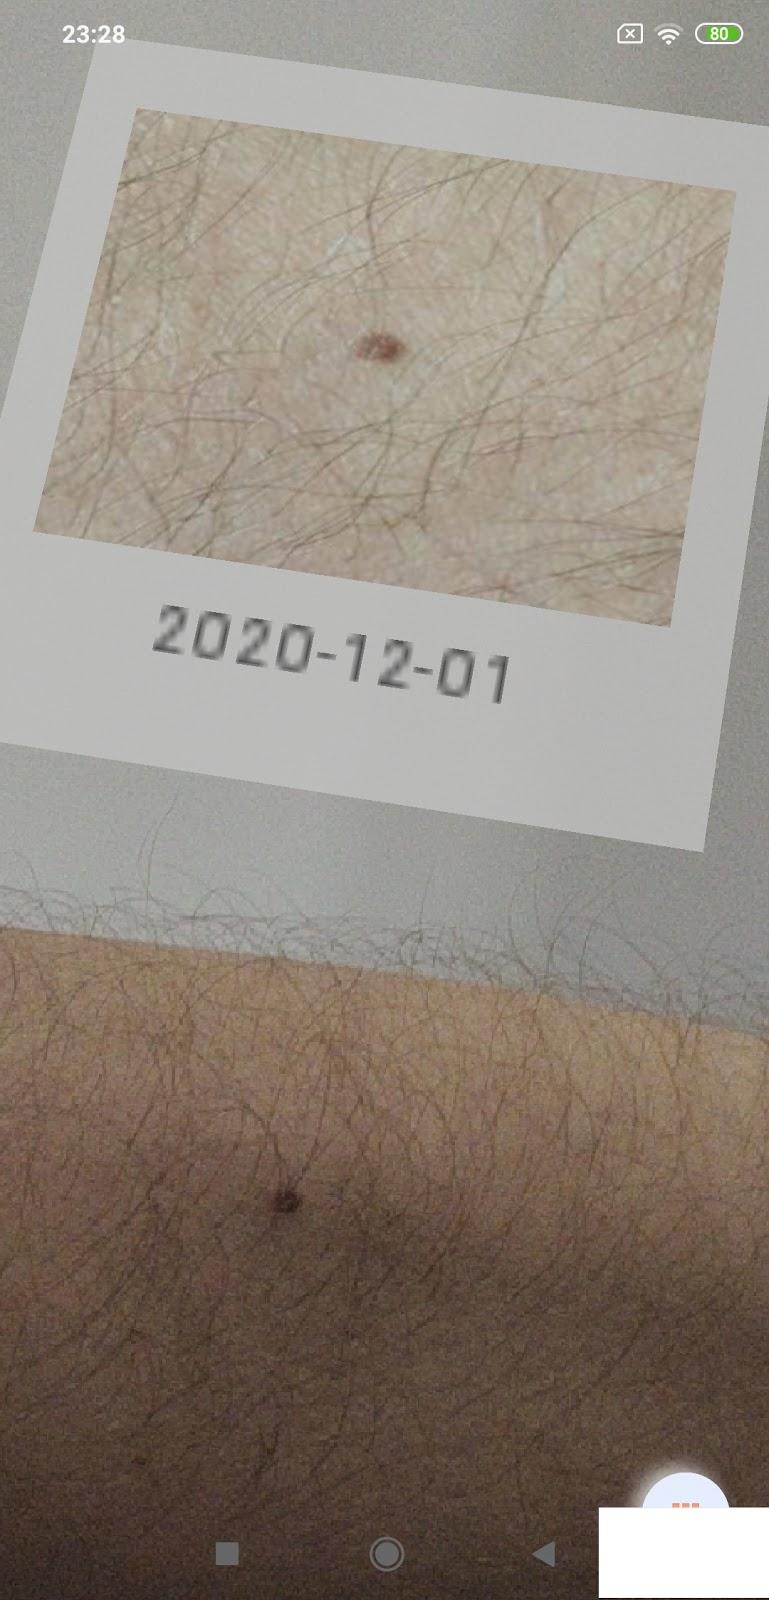 birthmark mole skin cancer photo